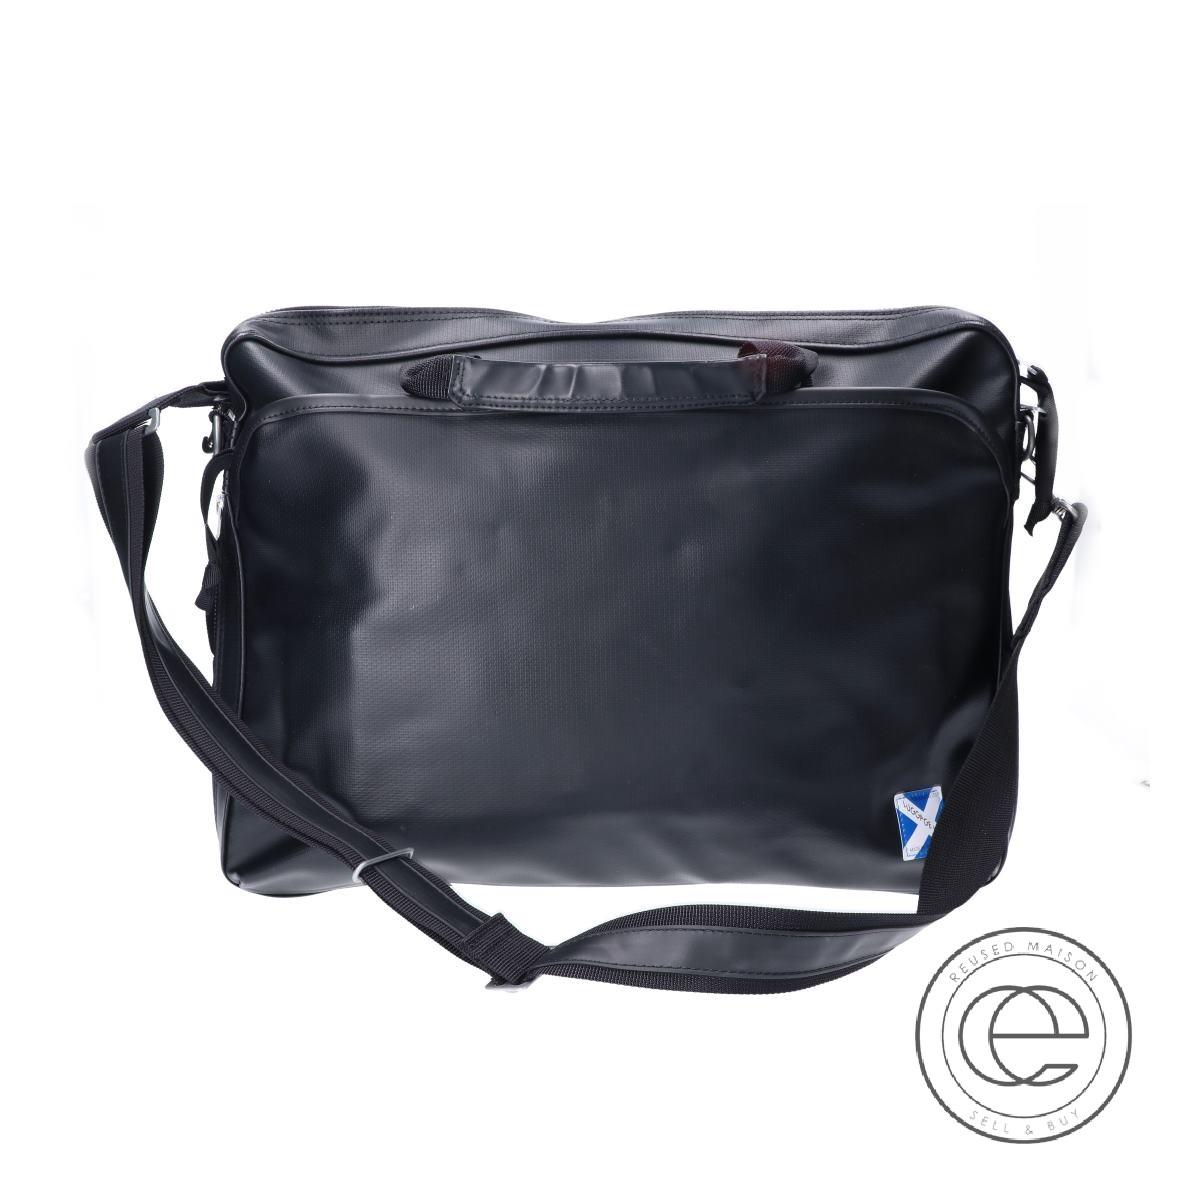 Luggage Label  ラゲッジレーベル 960-08876 LUGGAGE LABEL NEW LINER 2WAY BRIEFCASE ニューライナー 2WAY ブリーフケース ブラック メンズ 【中古】